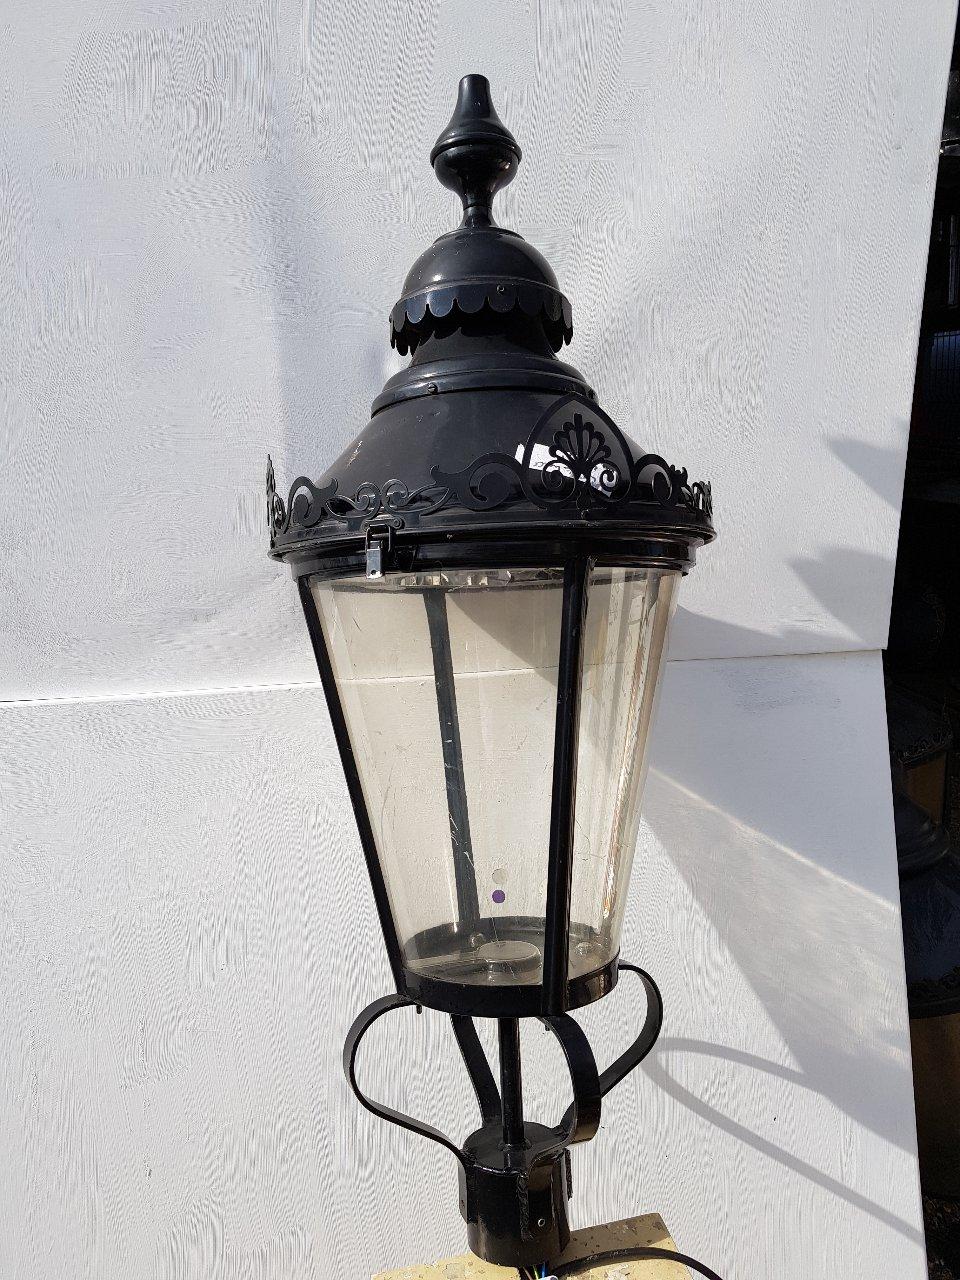 Metcraft New Rochester Light